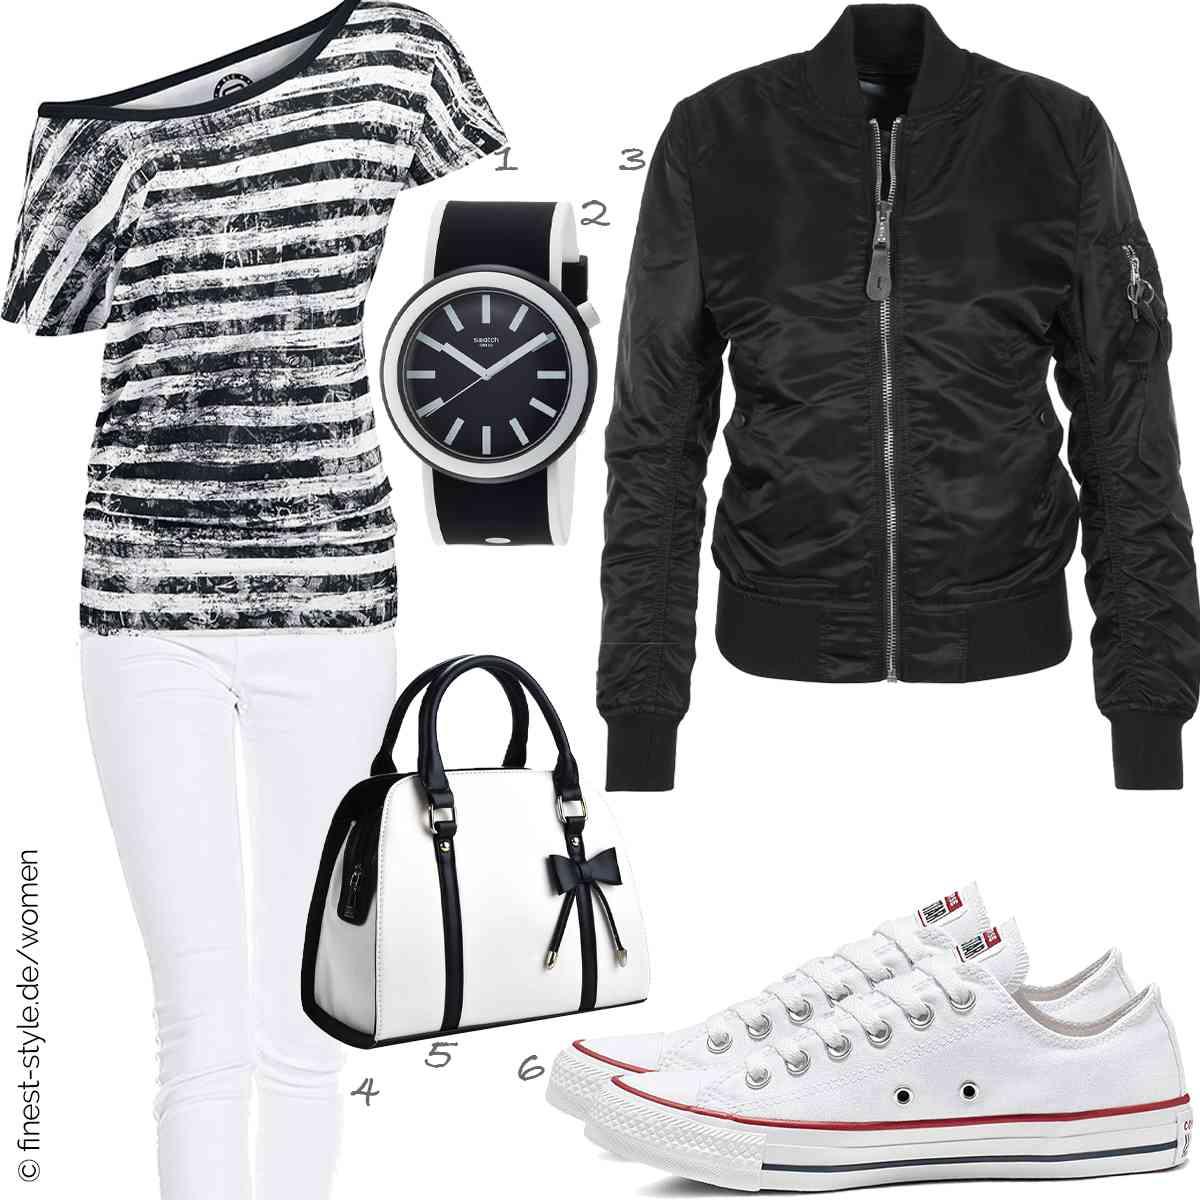 Top Herren-Outfit im Finest-Trend-Style für ein selbstbewusstes Modegefühl mit tollen Produkten von RED by EMP,Swatch,Alpha Industries,ONLY,COOFIT,Converse